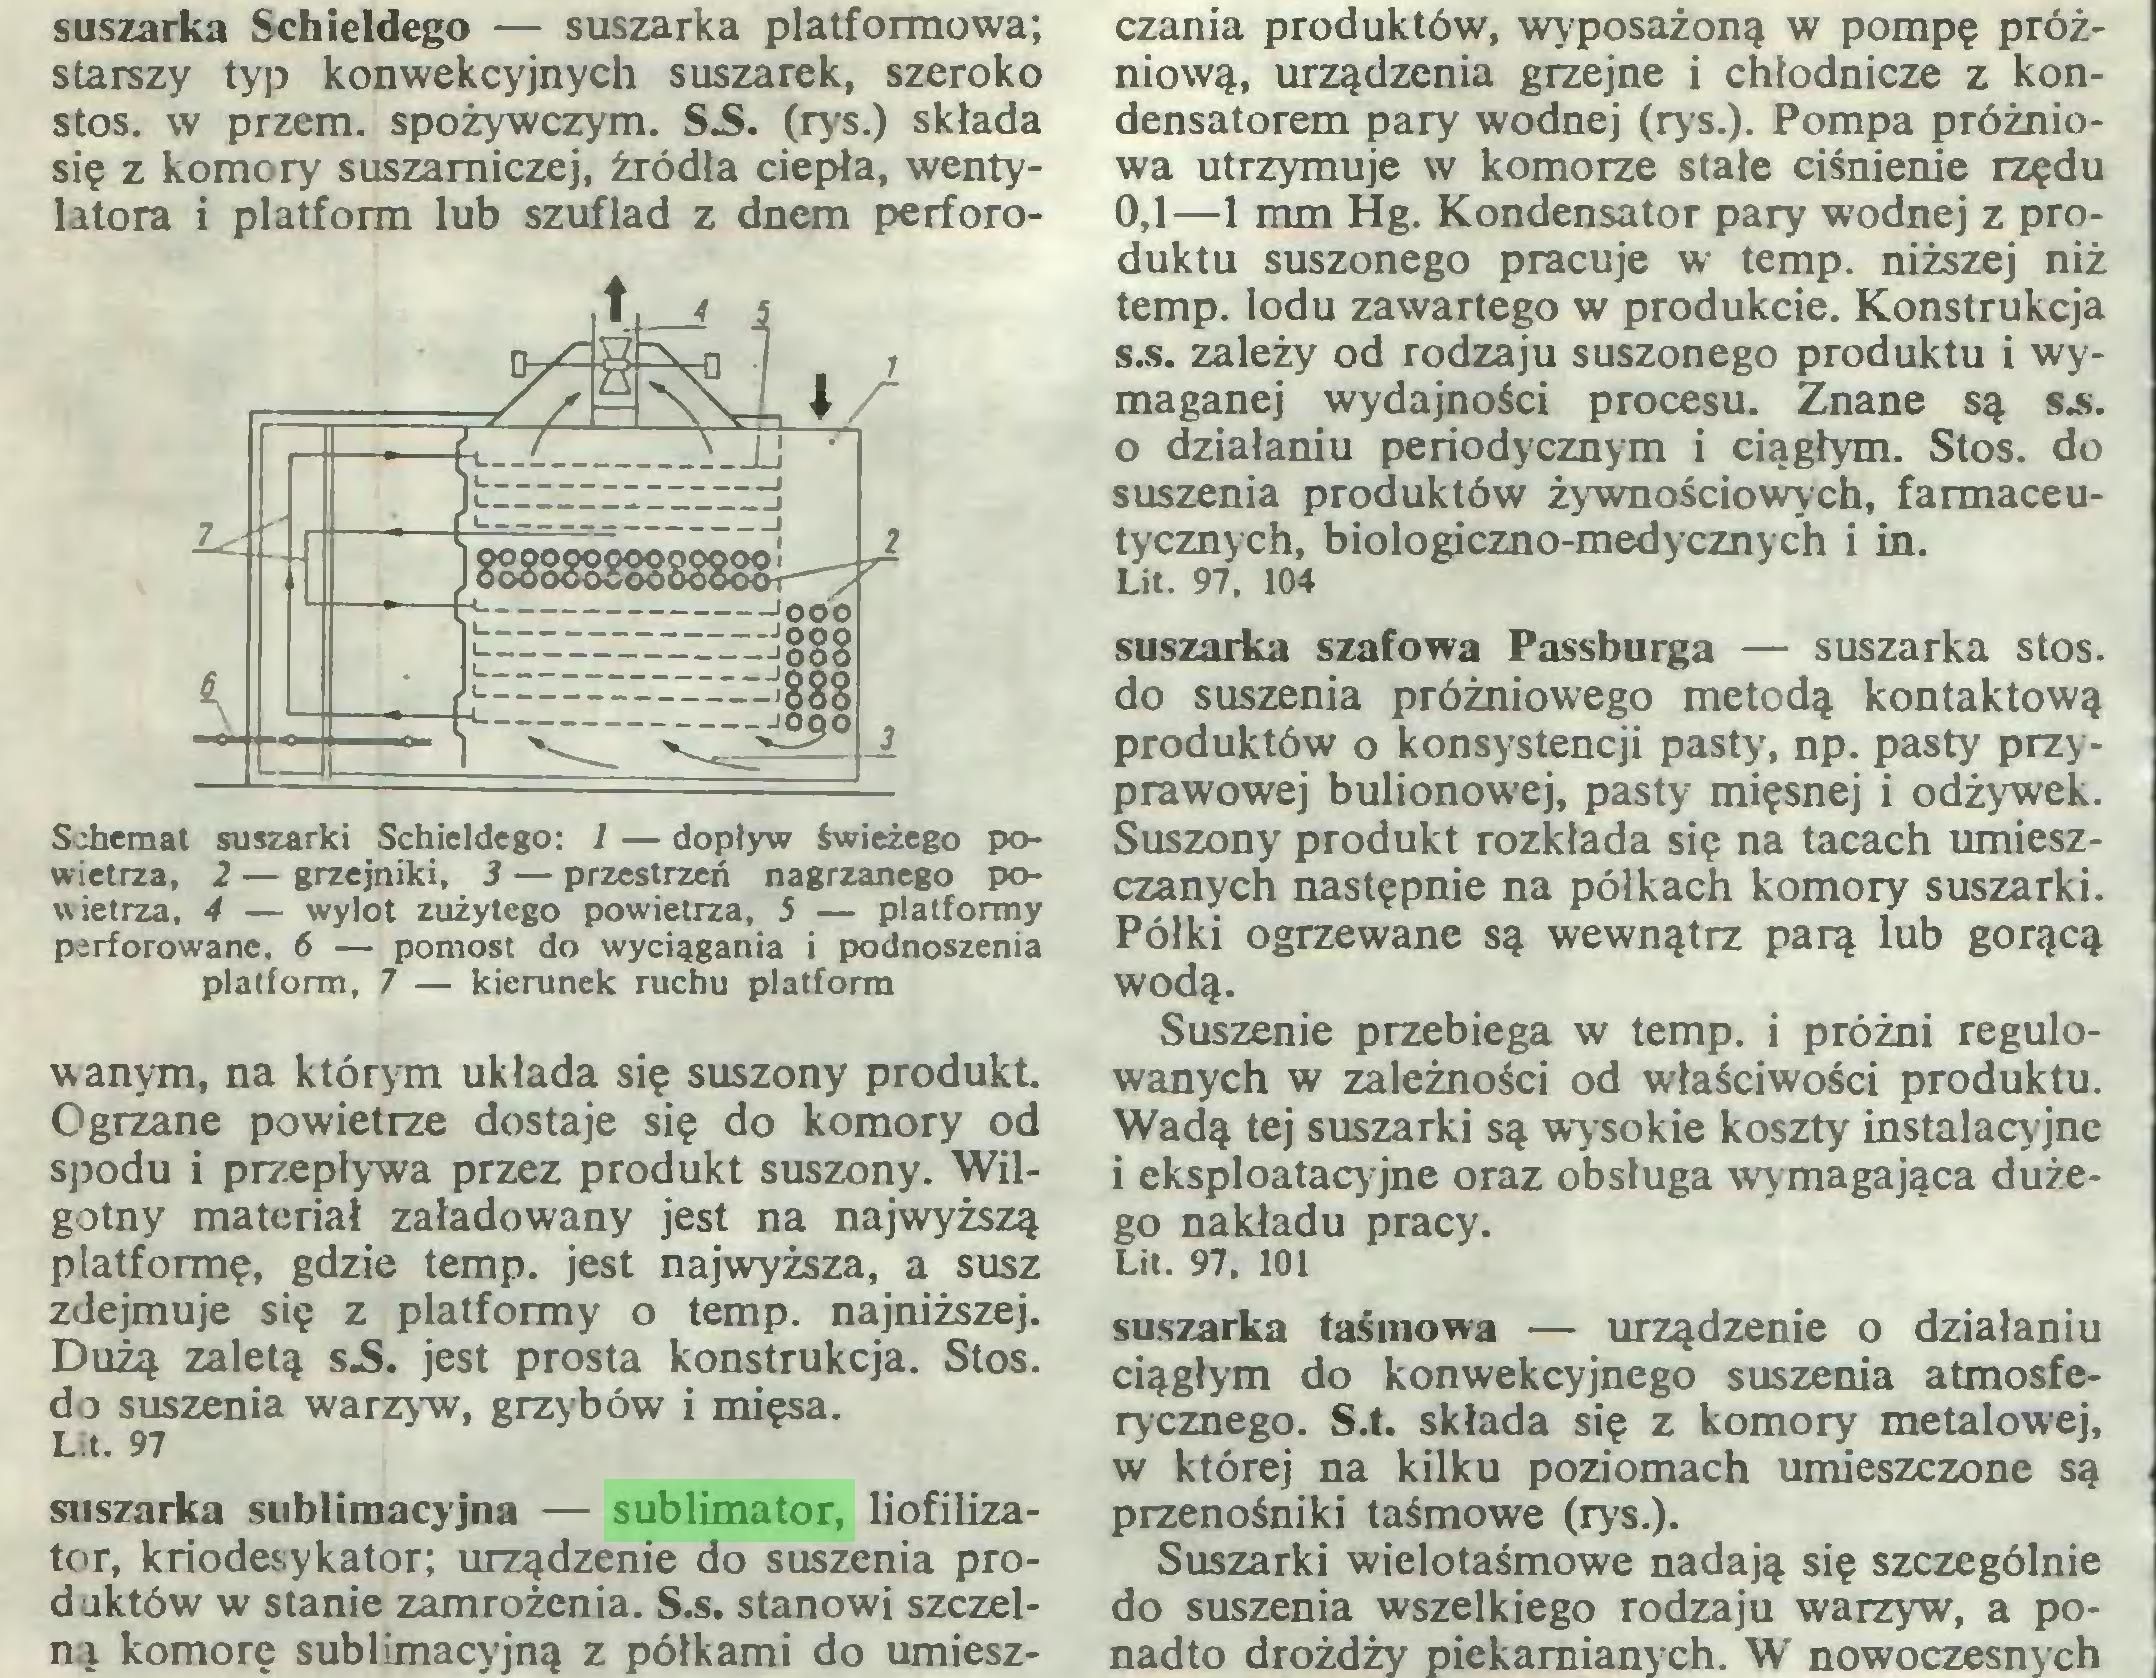 (...) Lit. 97 suszarka sublimacyjna — sublimator, liofilizator, kriodesykator; urządzenie do suszenia produktów w stanie zamrożenia. S.s. stanowi szczelną komorę sublimacyjną z półkami do umiesz¬ czania produktów, wyposażoną w pompę próżniową, urządzenia grzejne i chłodnicze z kondensatorem pary wodnej (rys.). Pompa próżnio...